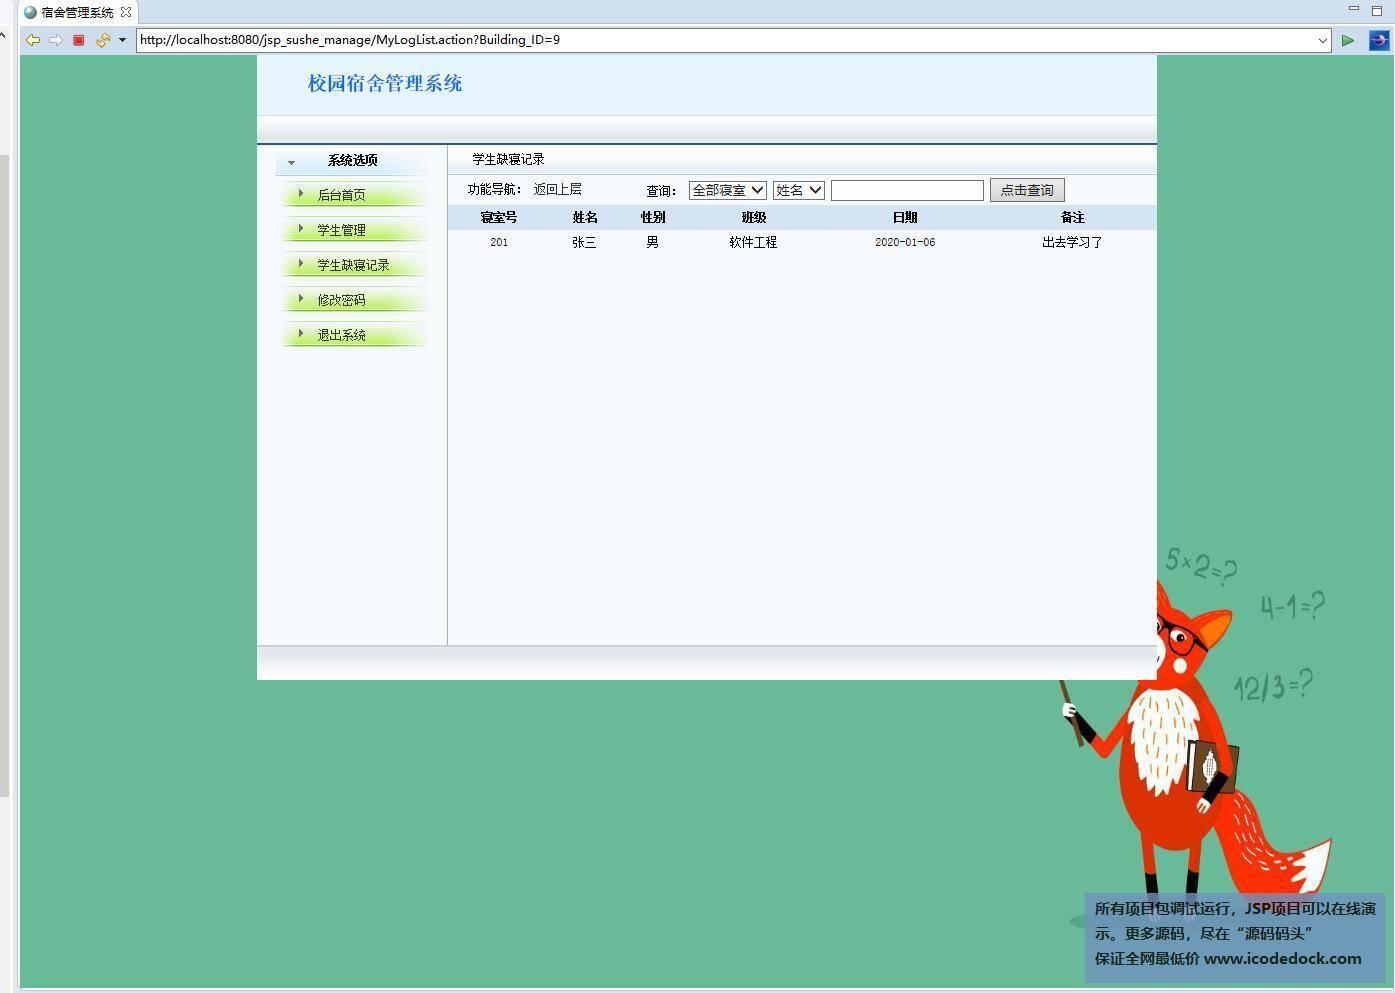 源码码头-JSP学校宿舍管理系统-楼宇管理员角色-缺勤记录查询